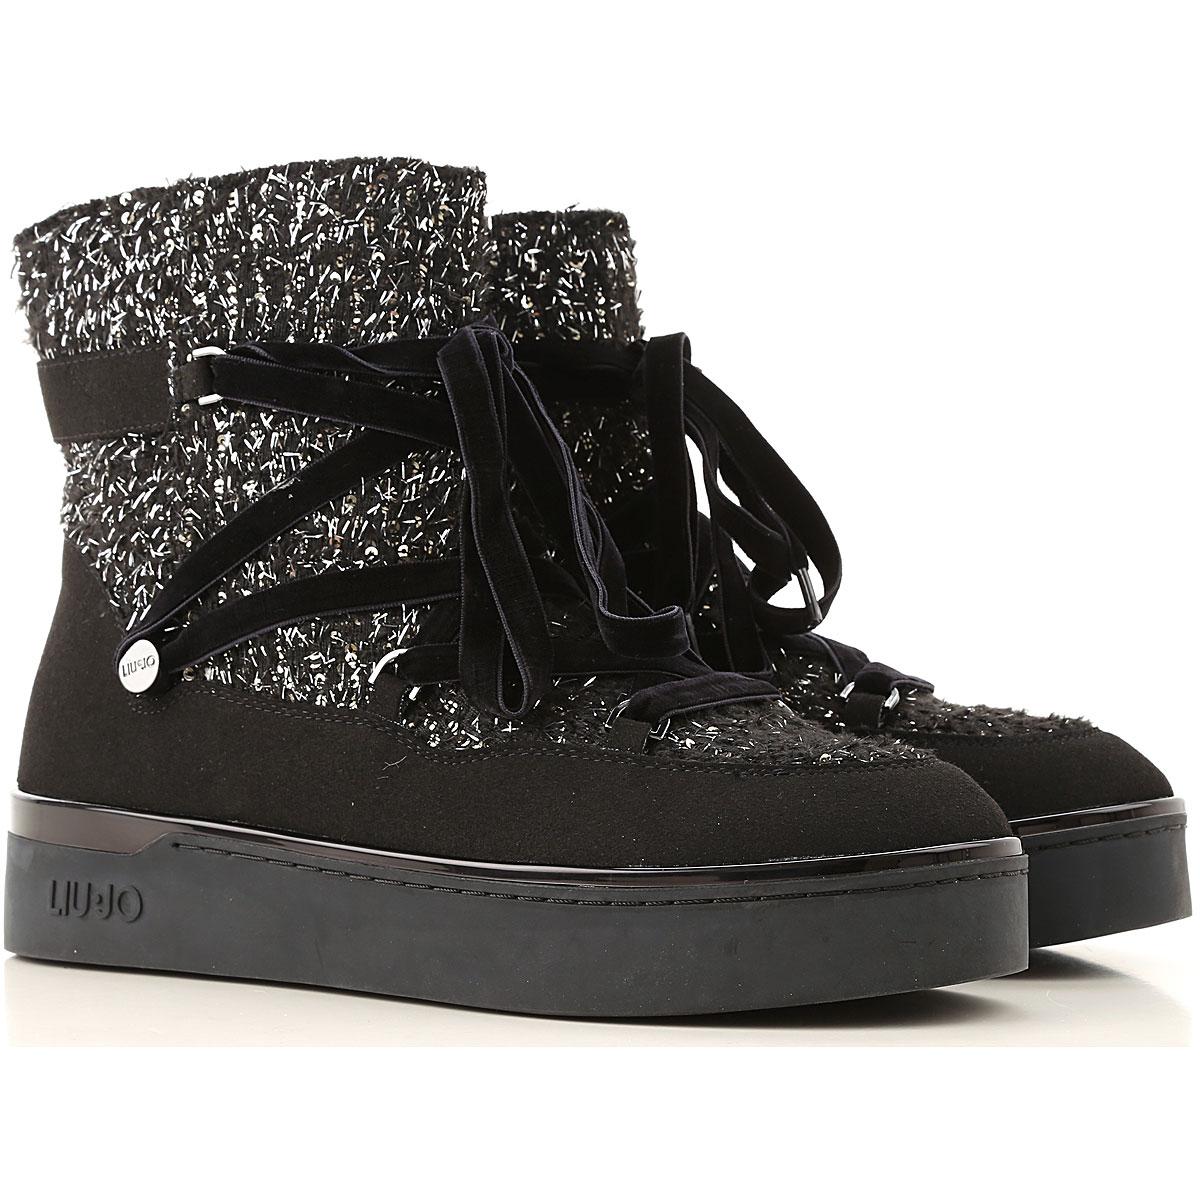 Liu Jo Boots for Women, Booties On Sale, Black, Wool, 2019, 10 6 7 9